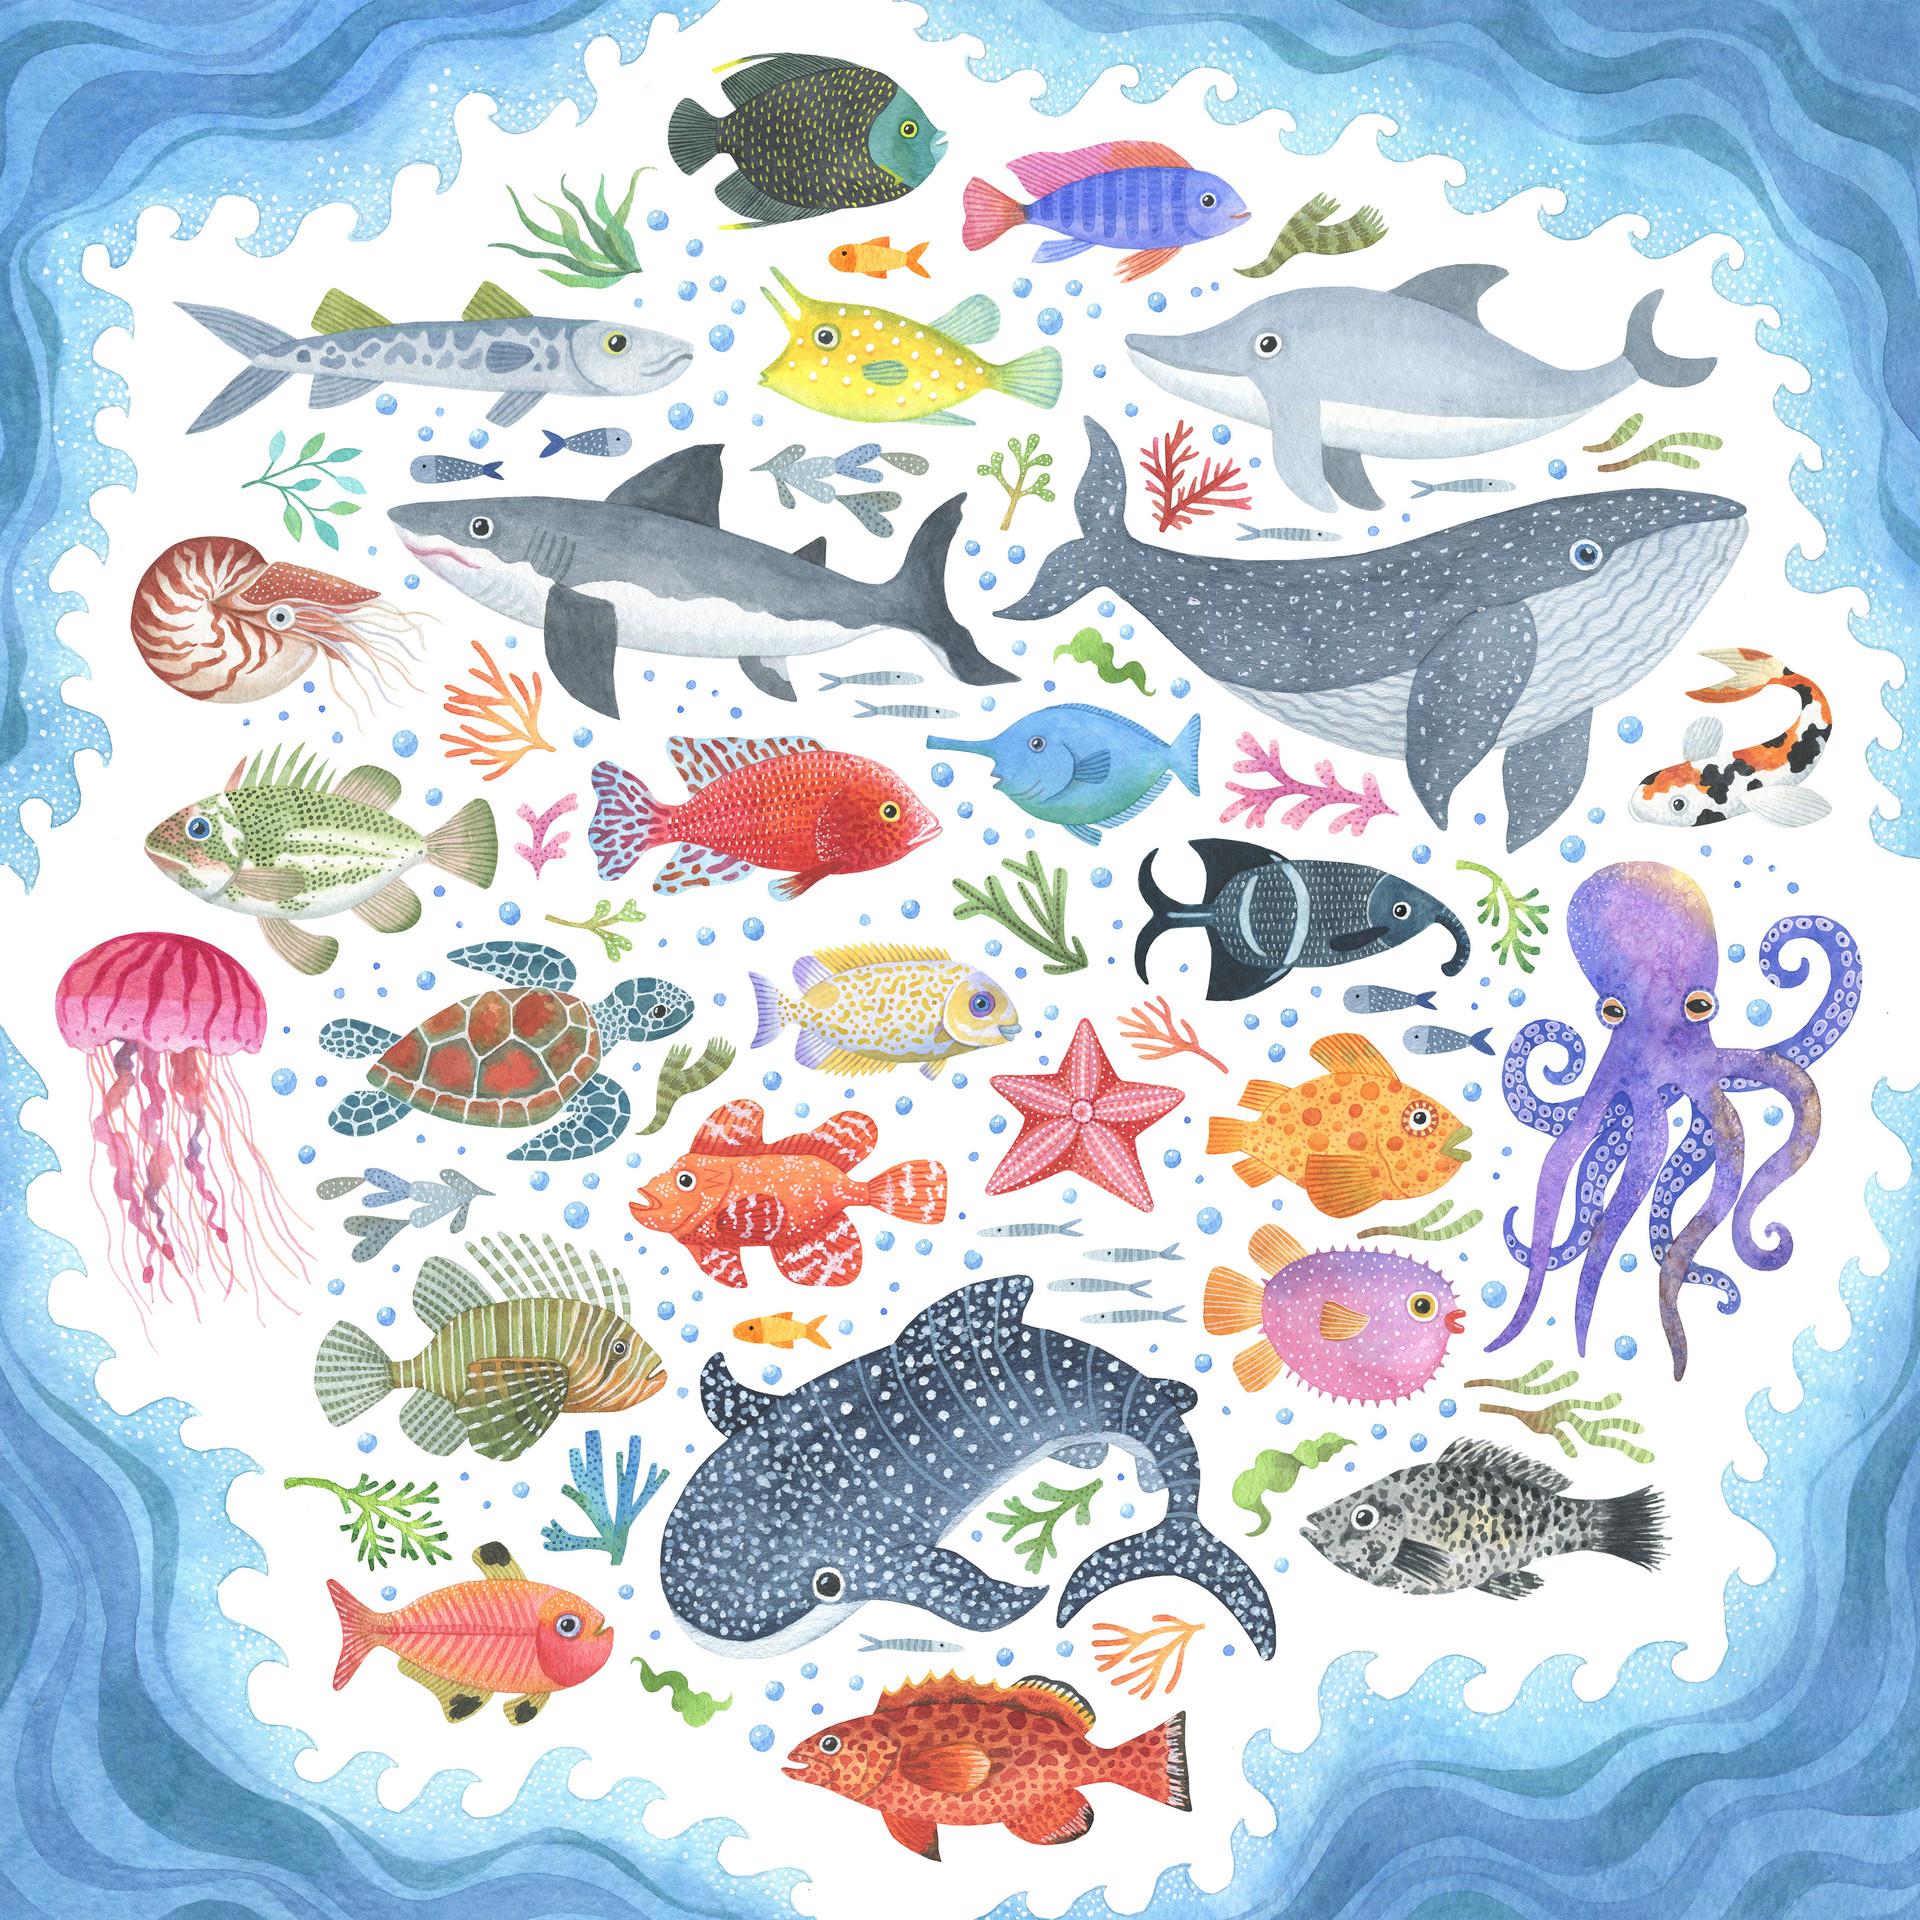 fishsquareflatsm.jpg